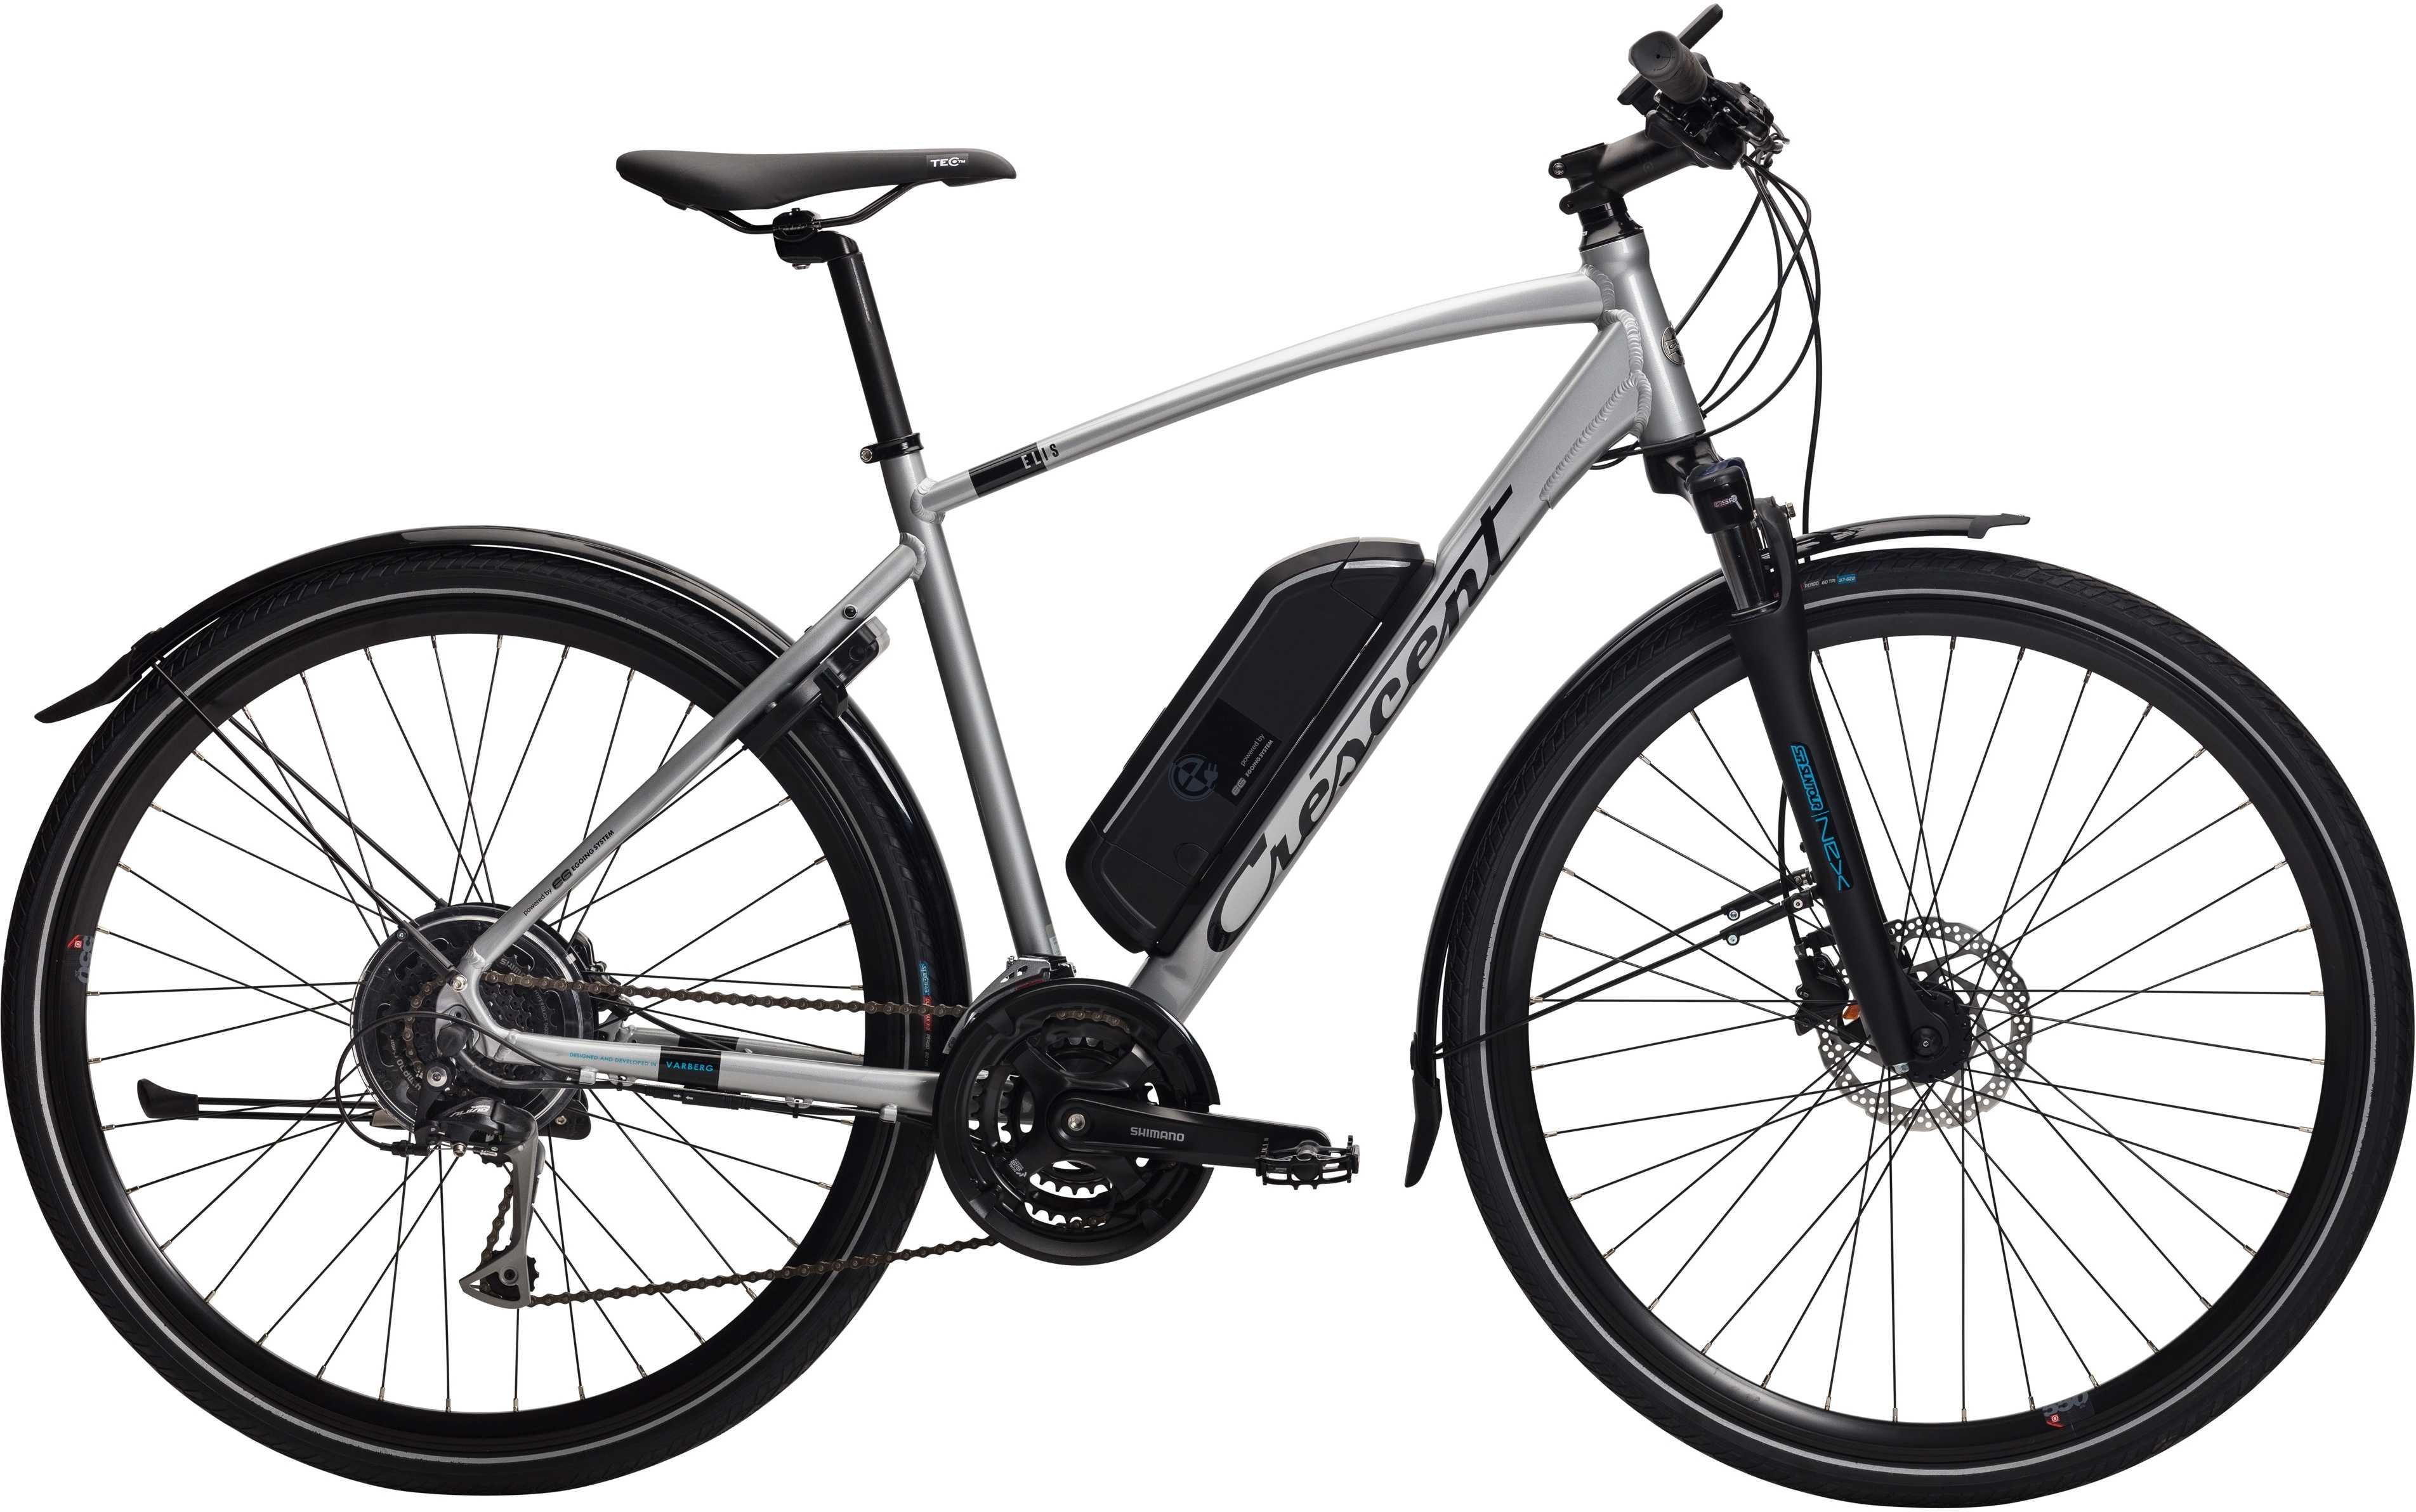 köpa cykel billigt